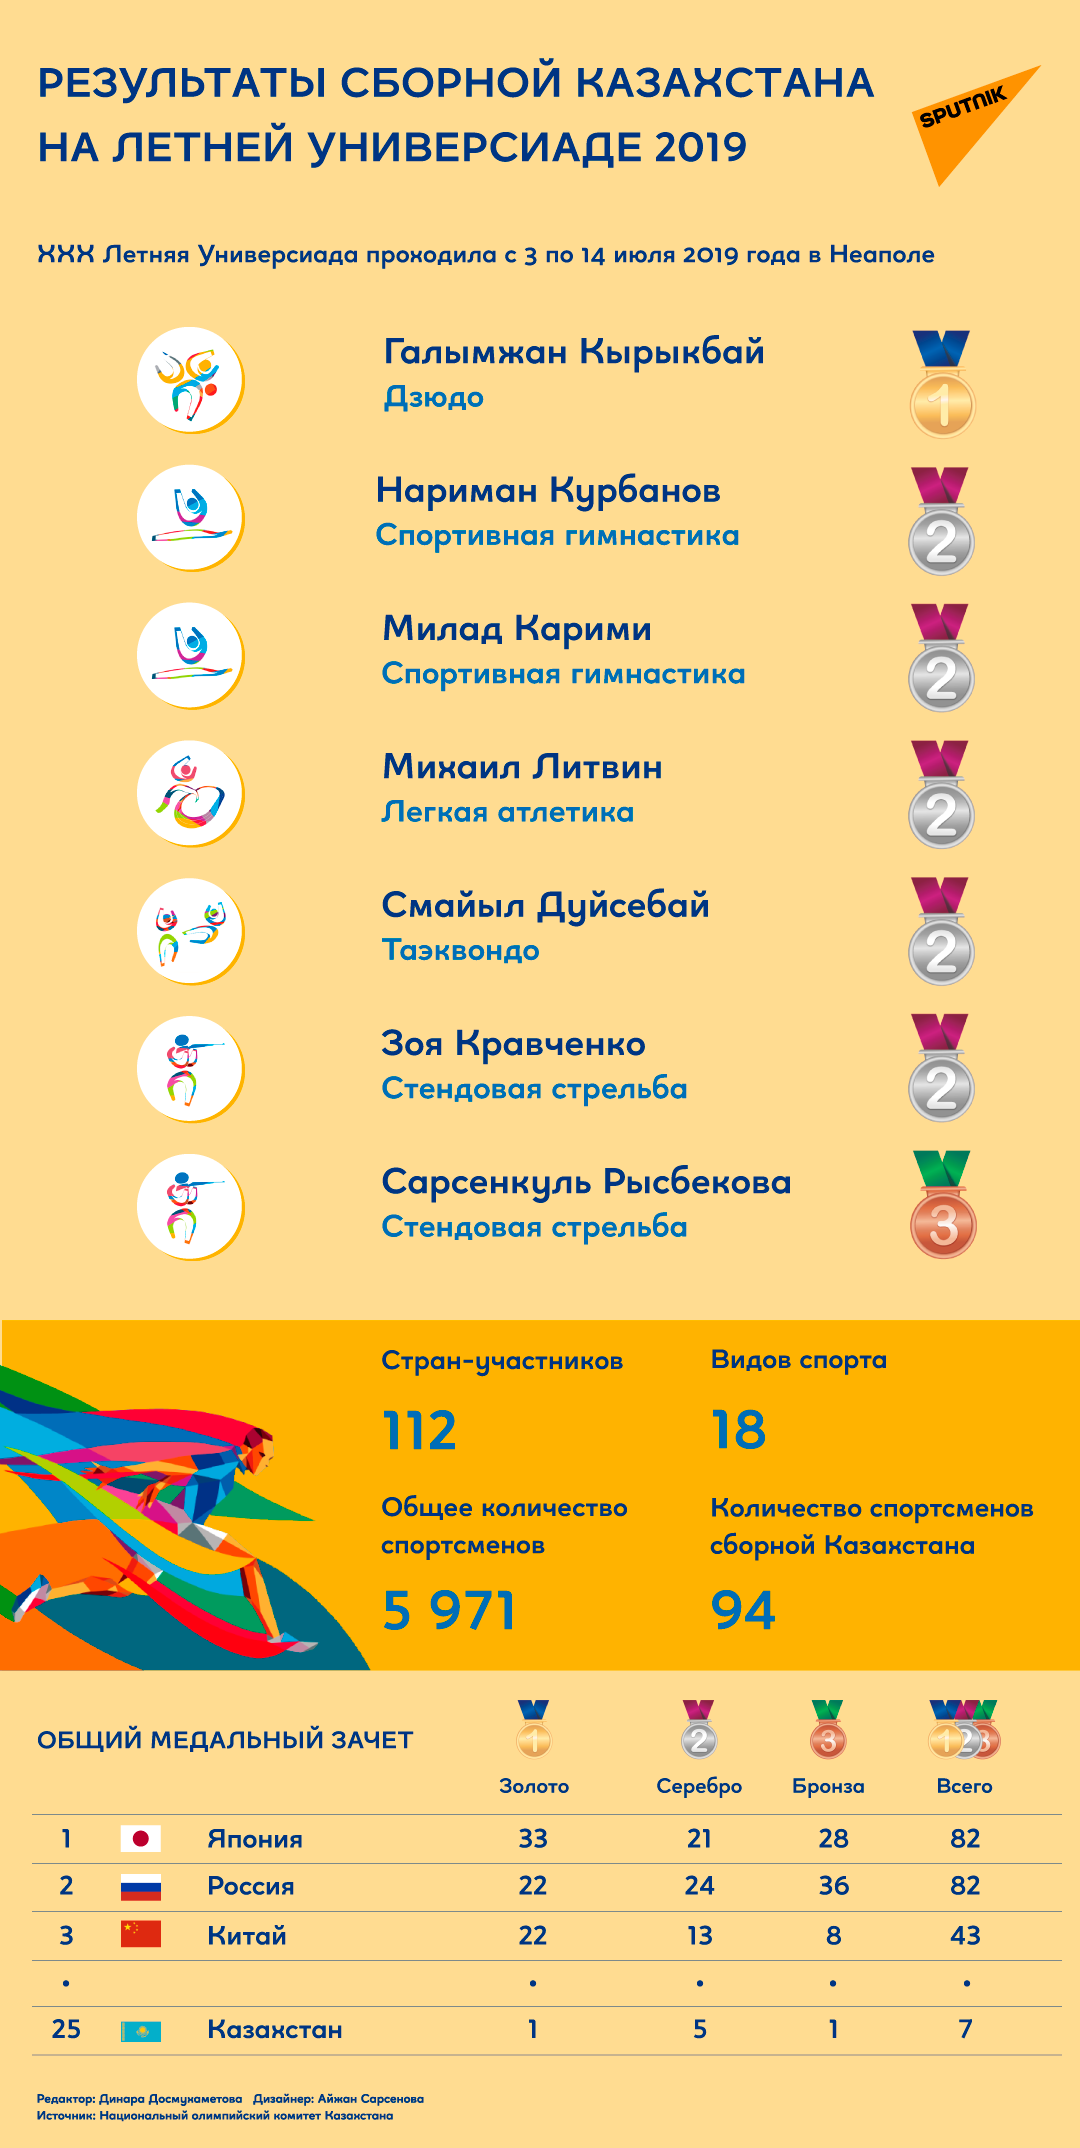 Летняя Универсиада 2019. Результаты сборной Казахстана